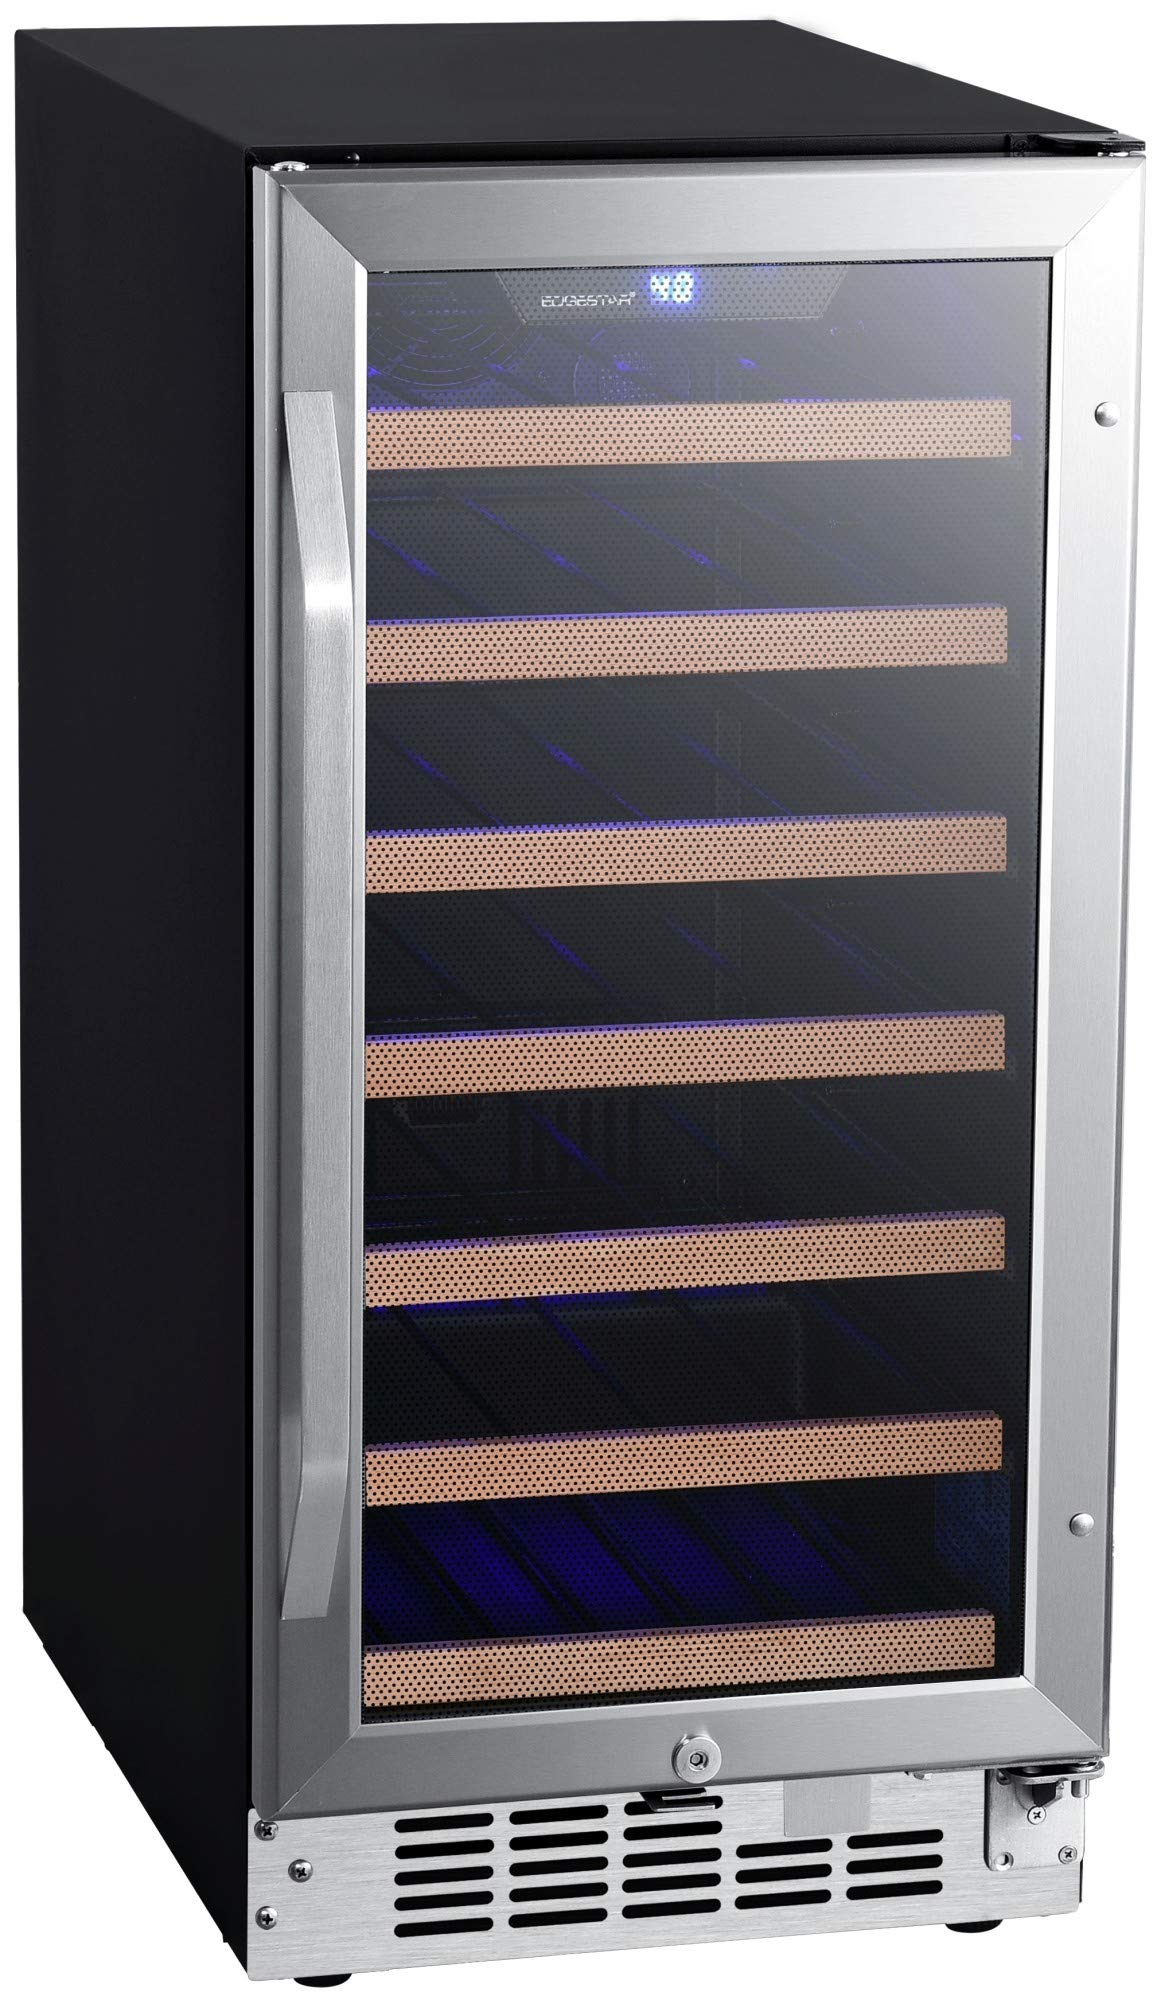 EdgeStar CWR302SZ 15 Inch Wide 30 Bottle Built-In Wine Cooler